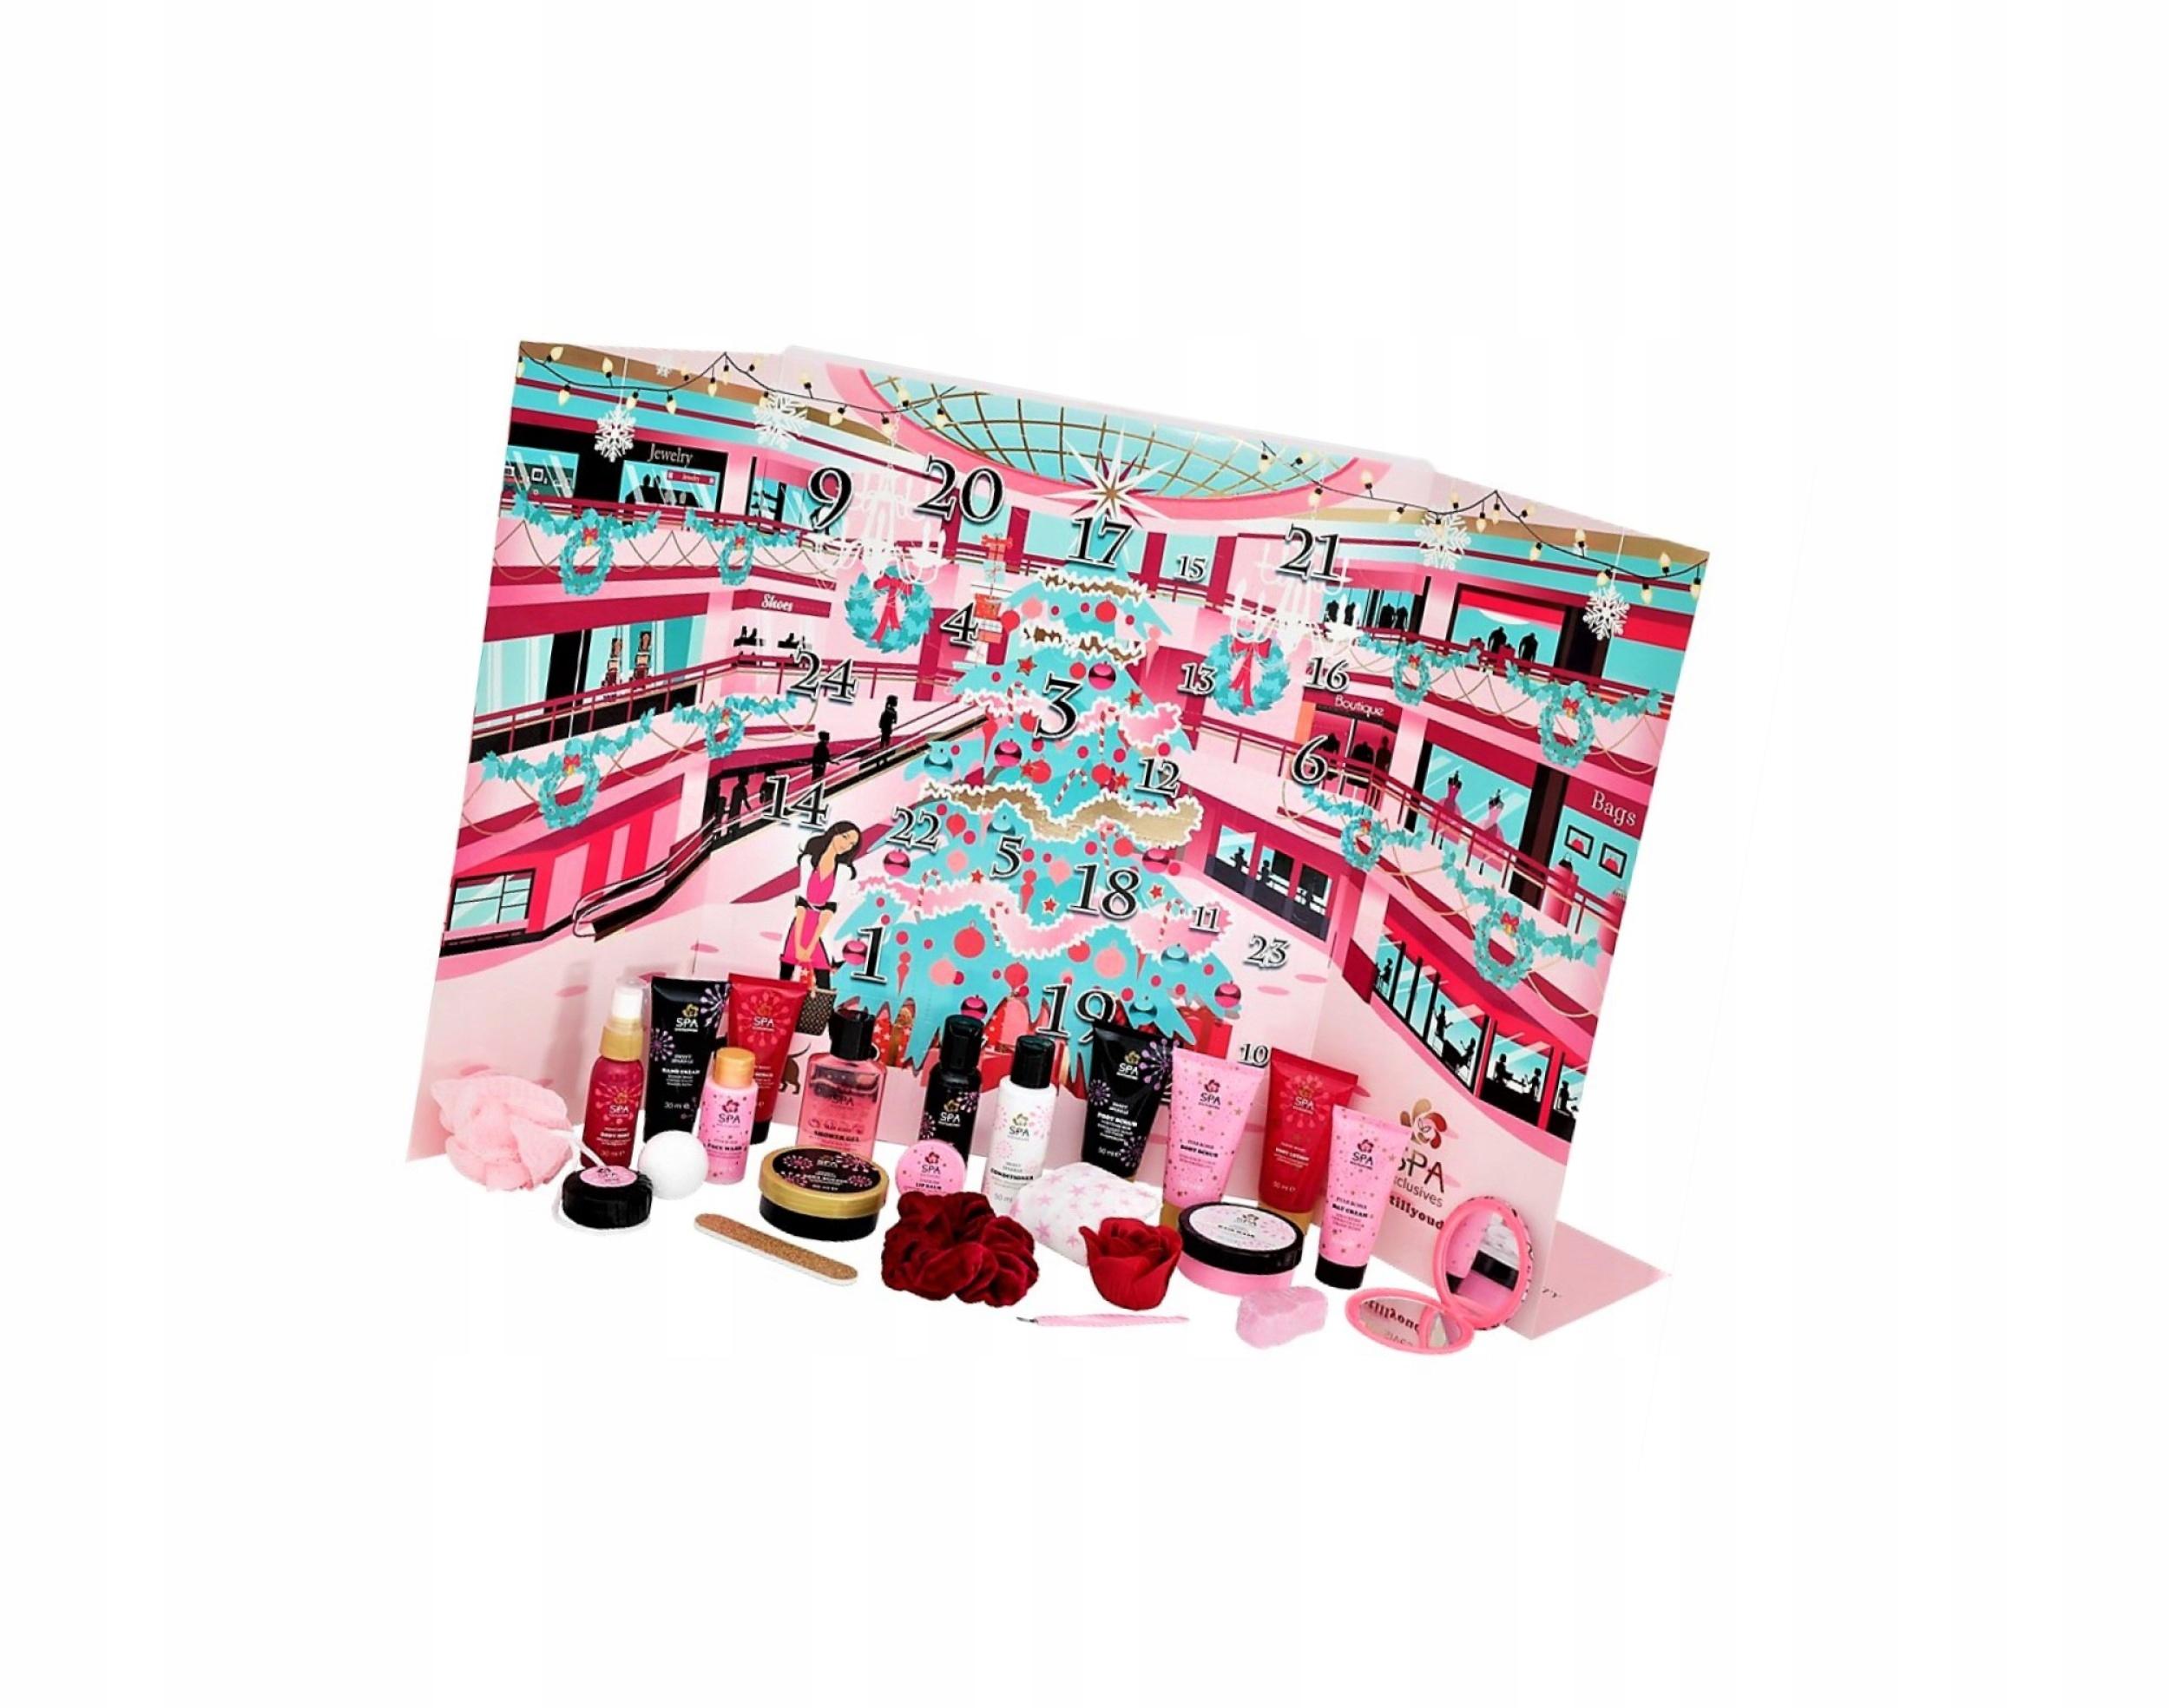 Kalendarz Adwentowy Z Kosmetykami Spa Exclusive 20 9843769682 Allegro Pl